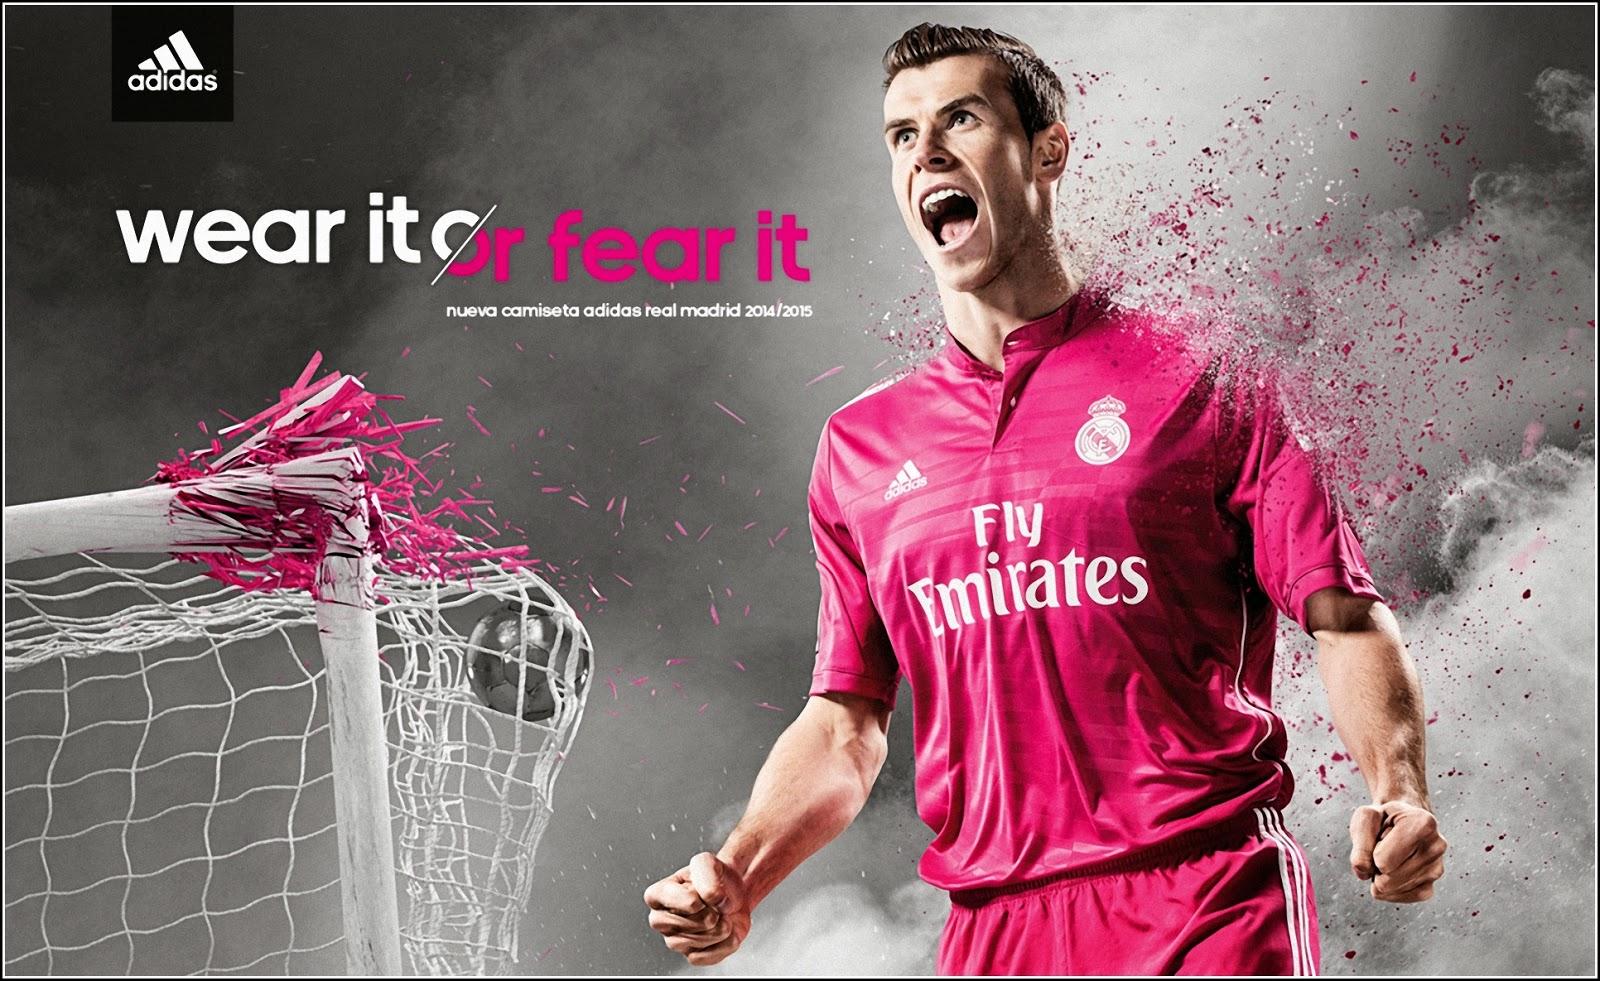 Gareth Bale Real Madrid 2014 15 Adida -Jersey Away Kit Wallpaper